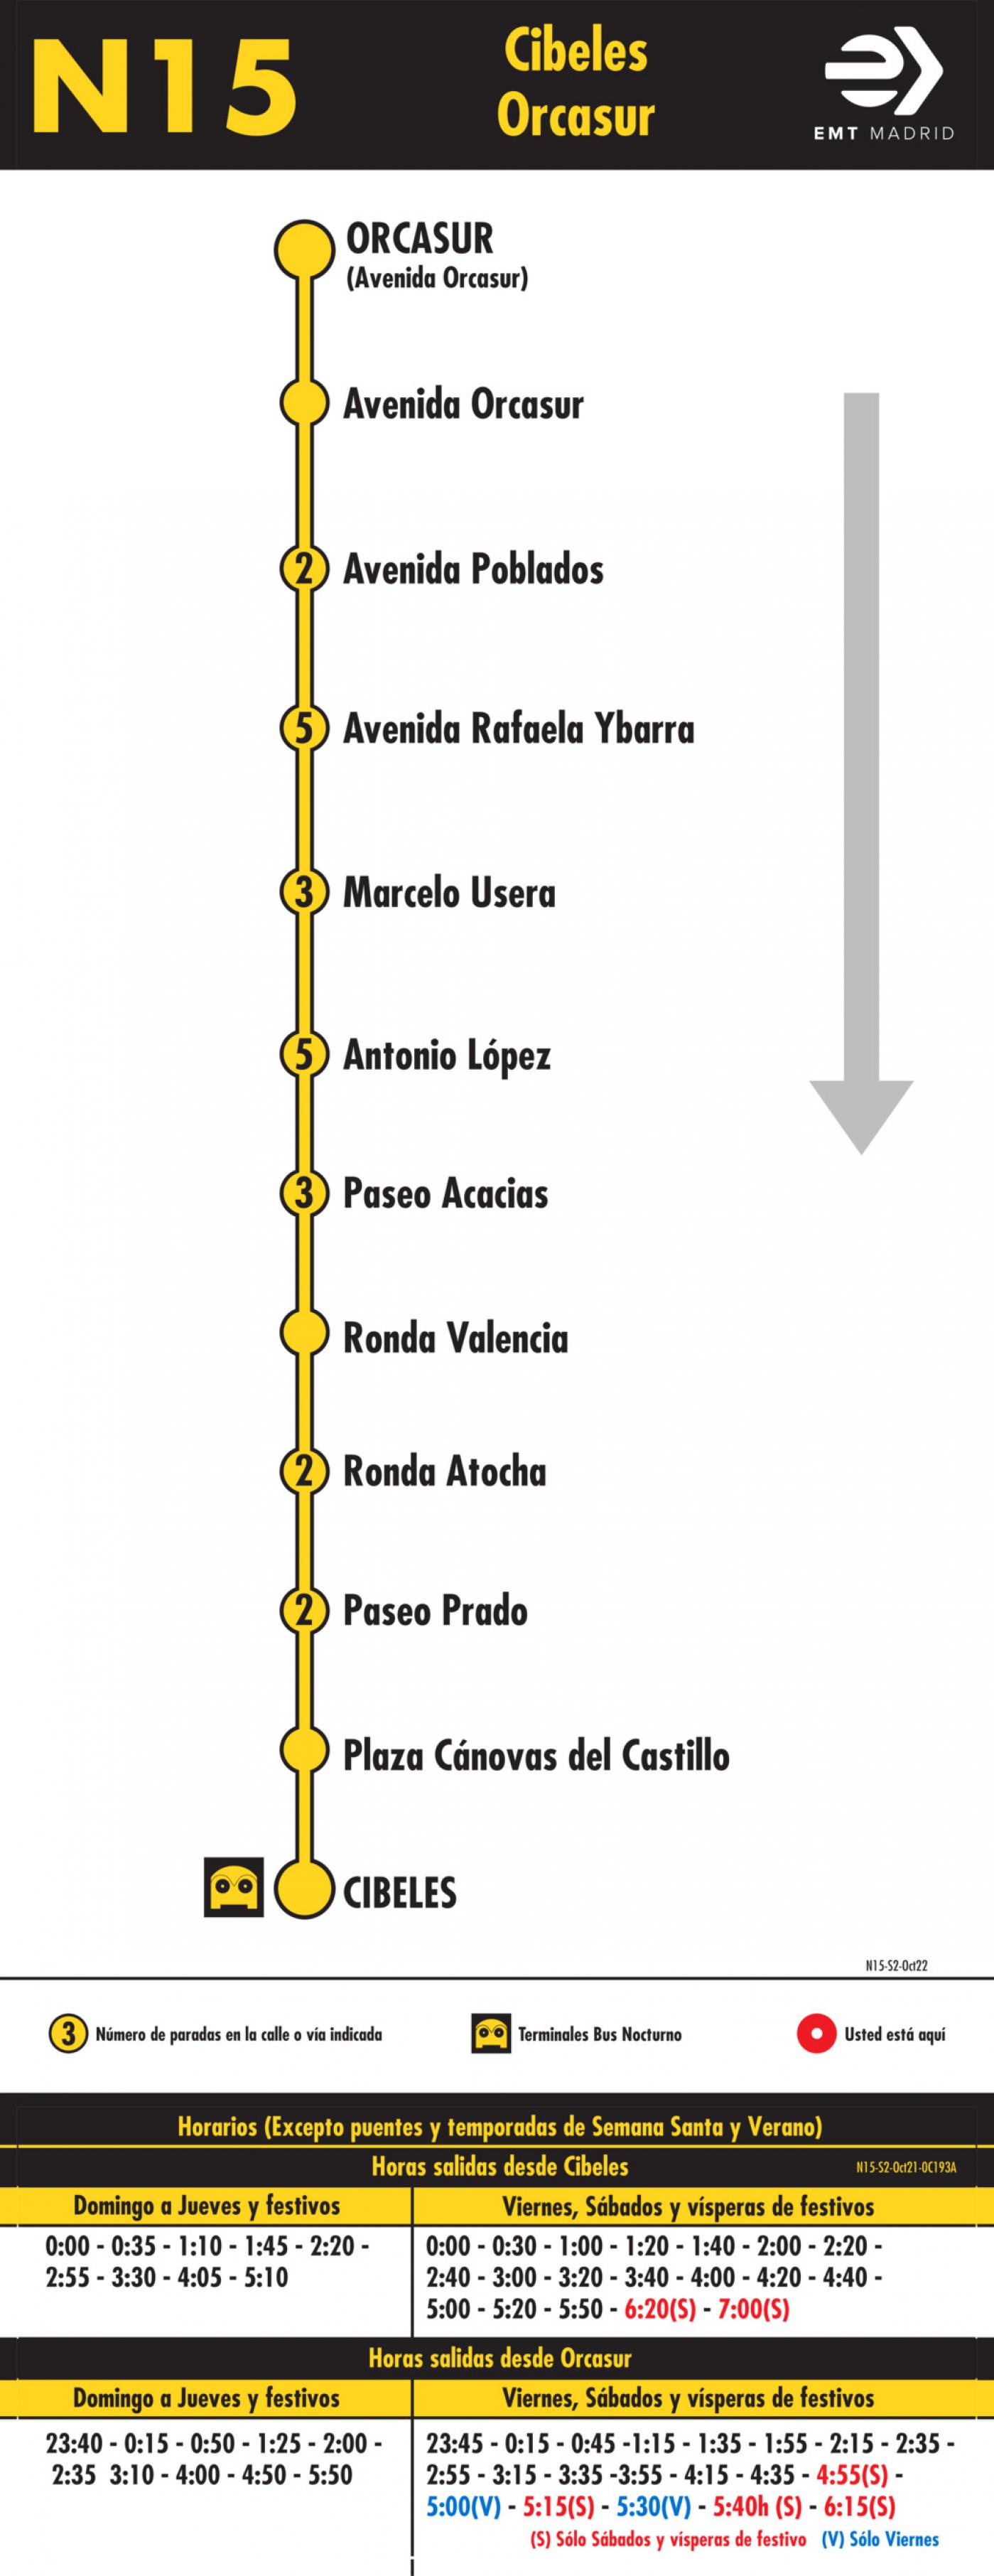 Tabla de horarios y frecuencias de paso en sentido vuelta Línea N15: Plaza de Cibeles - Orcasur (búho)